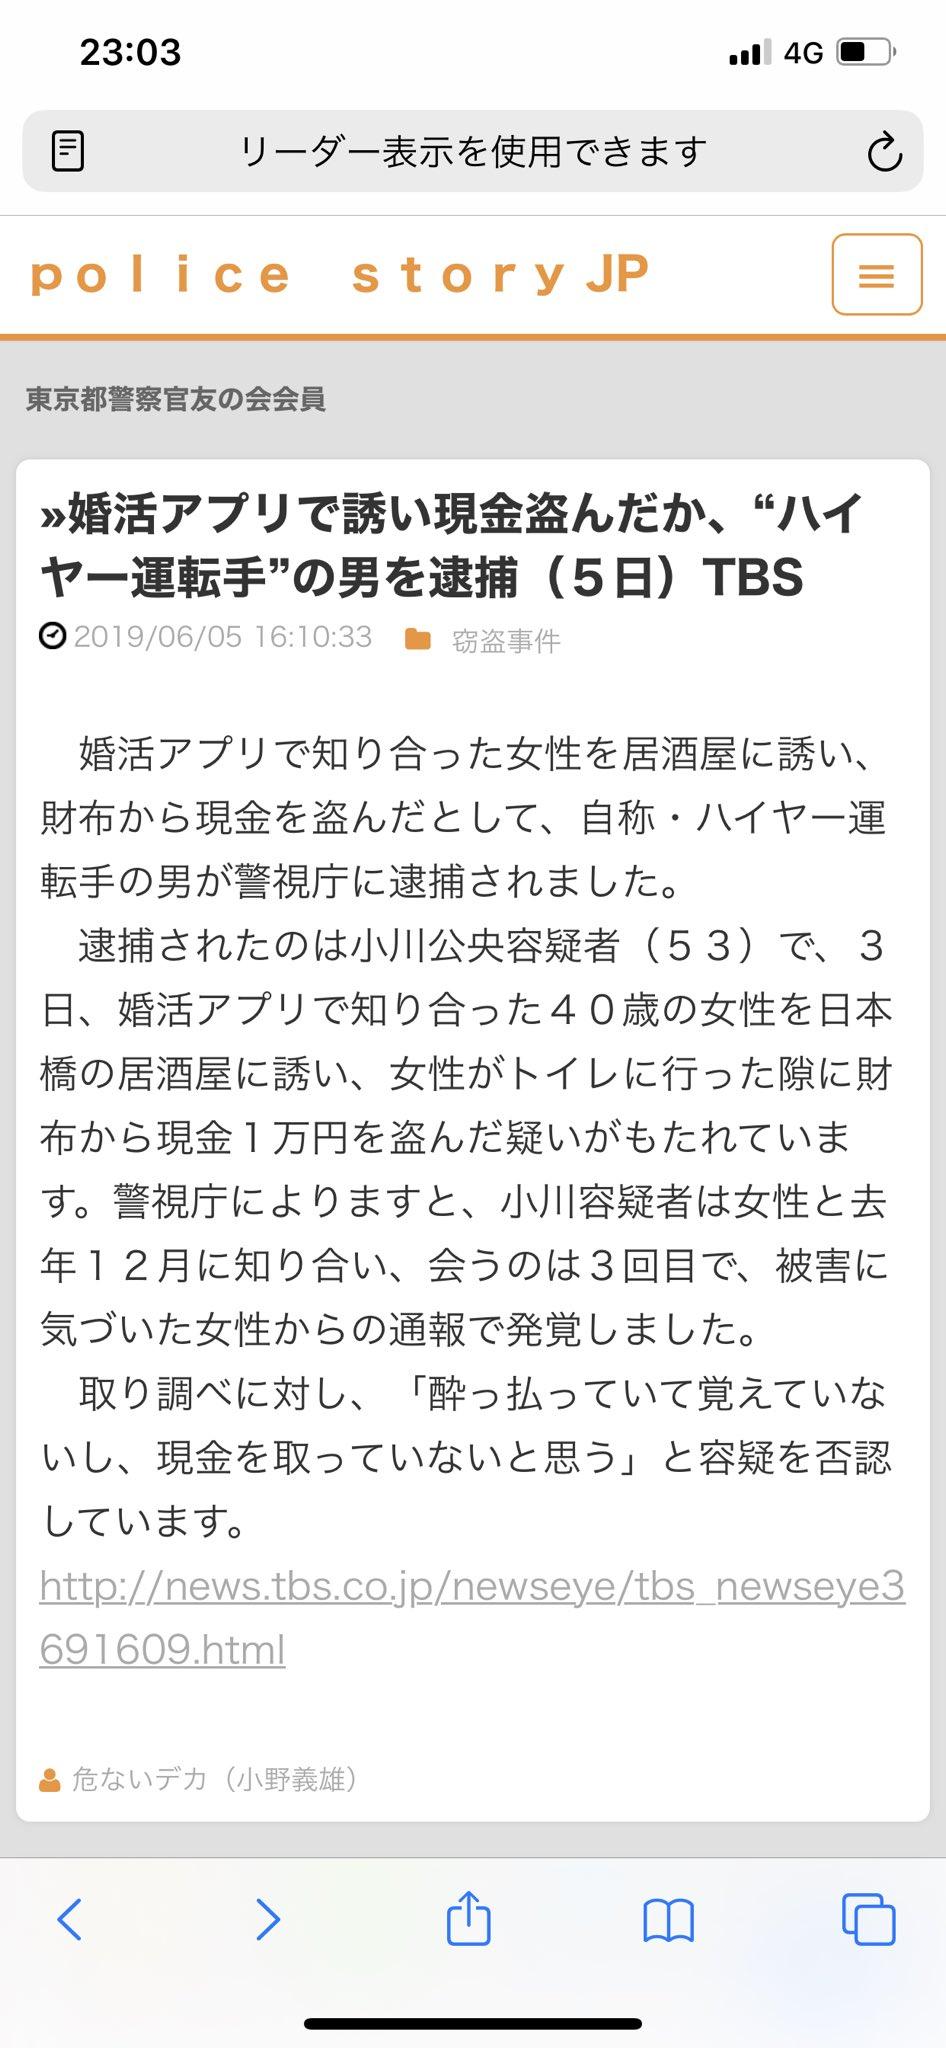 「小川公央容疑者」の画像検索結果